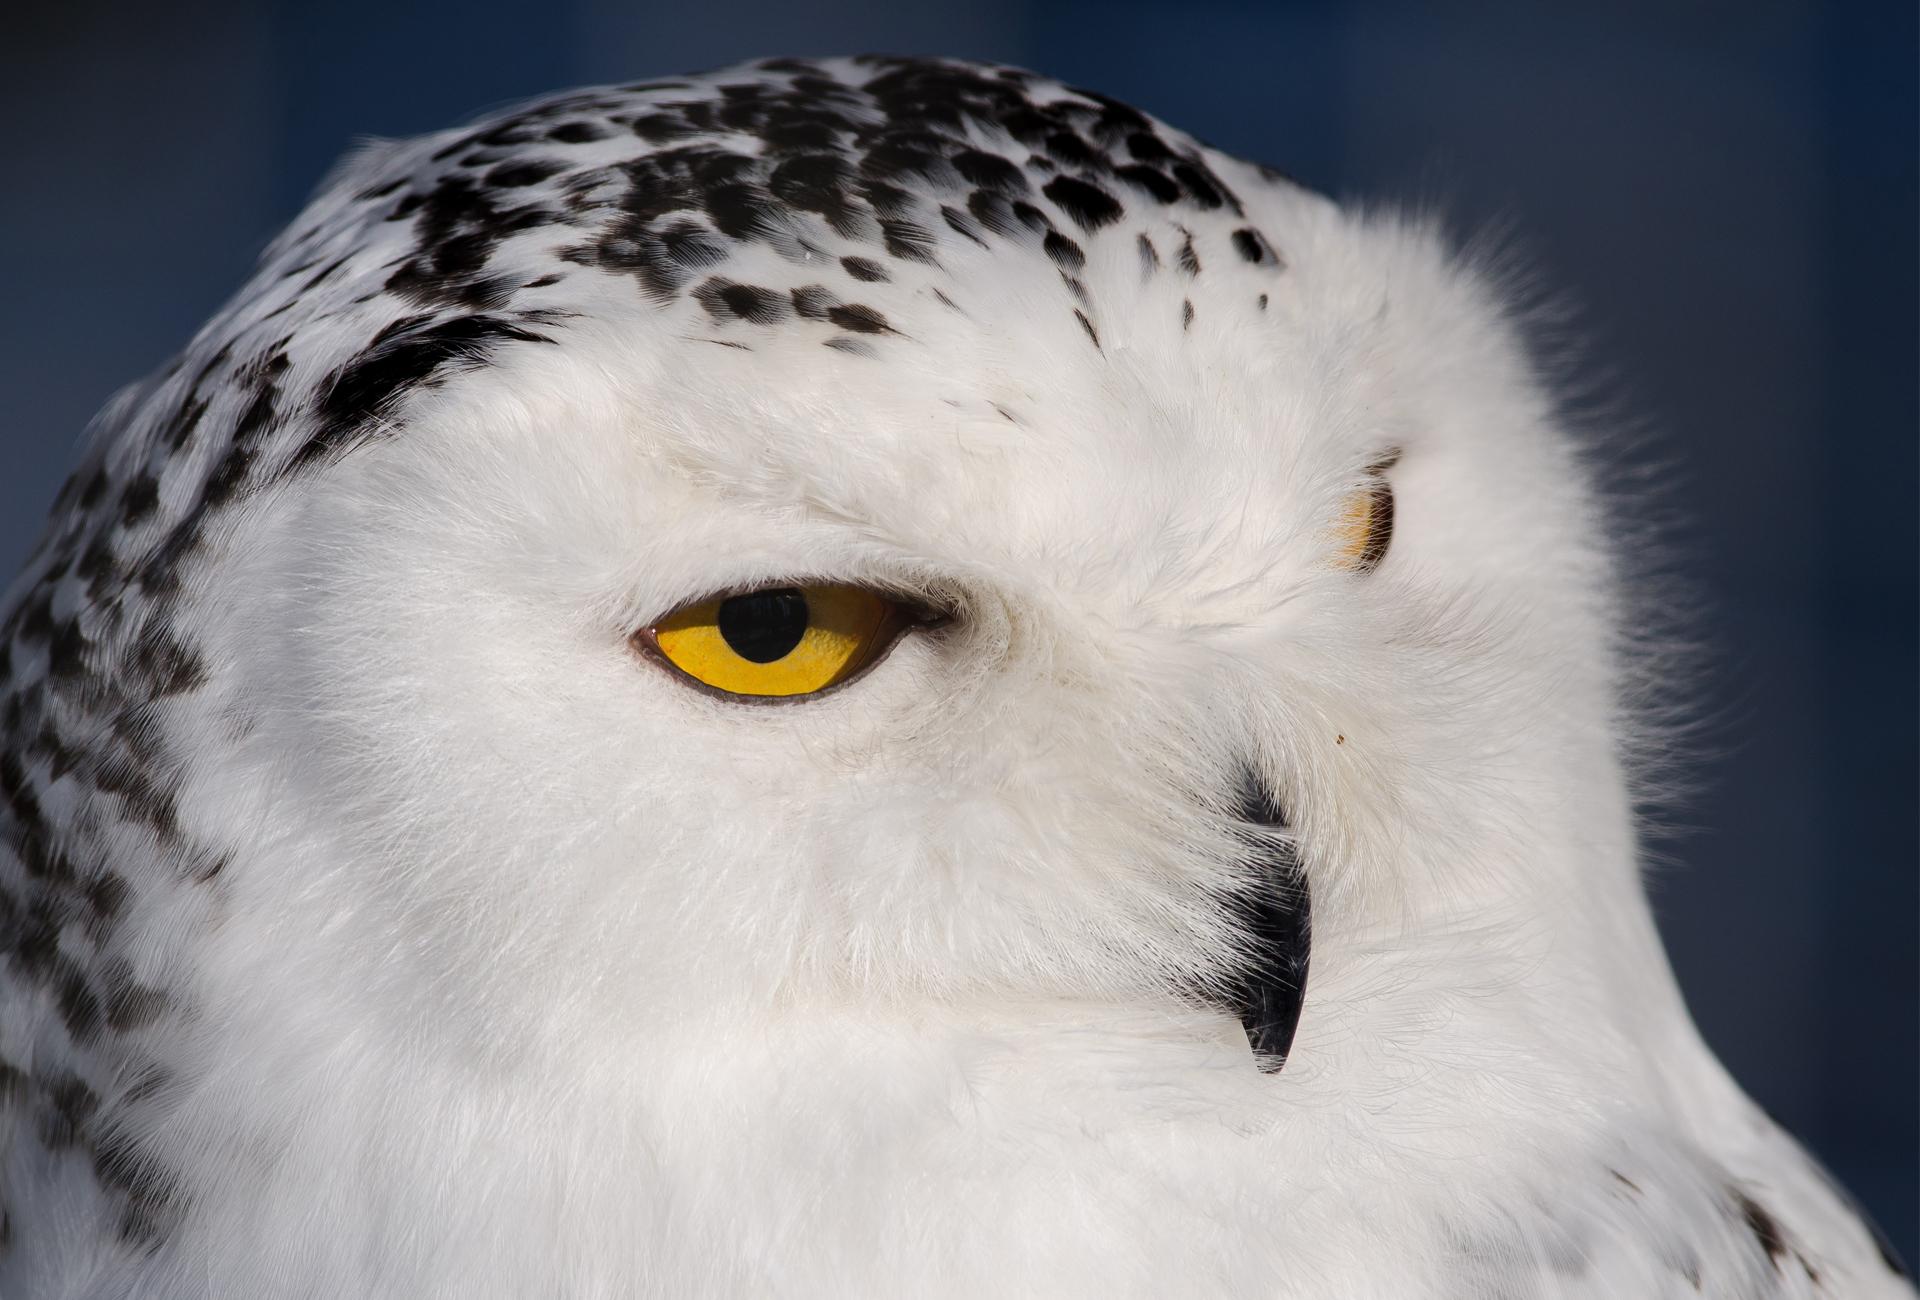 Красивые совята белой совы картинки, сентября рождество